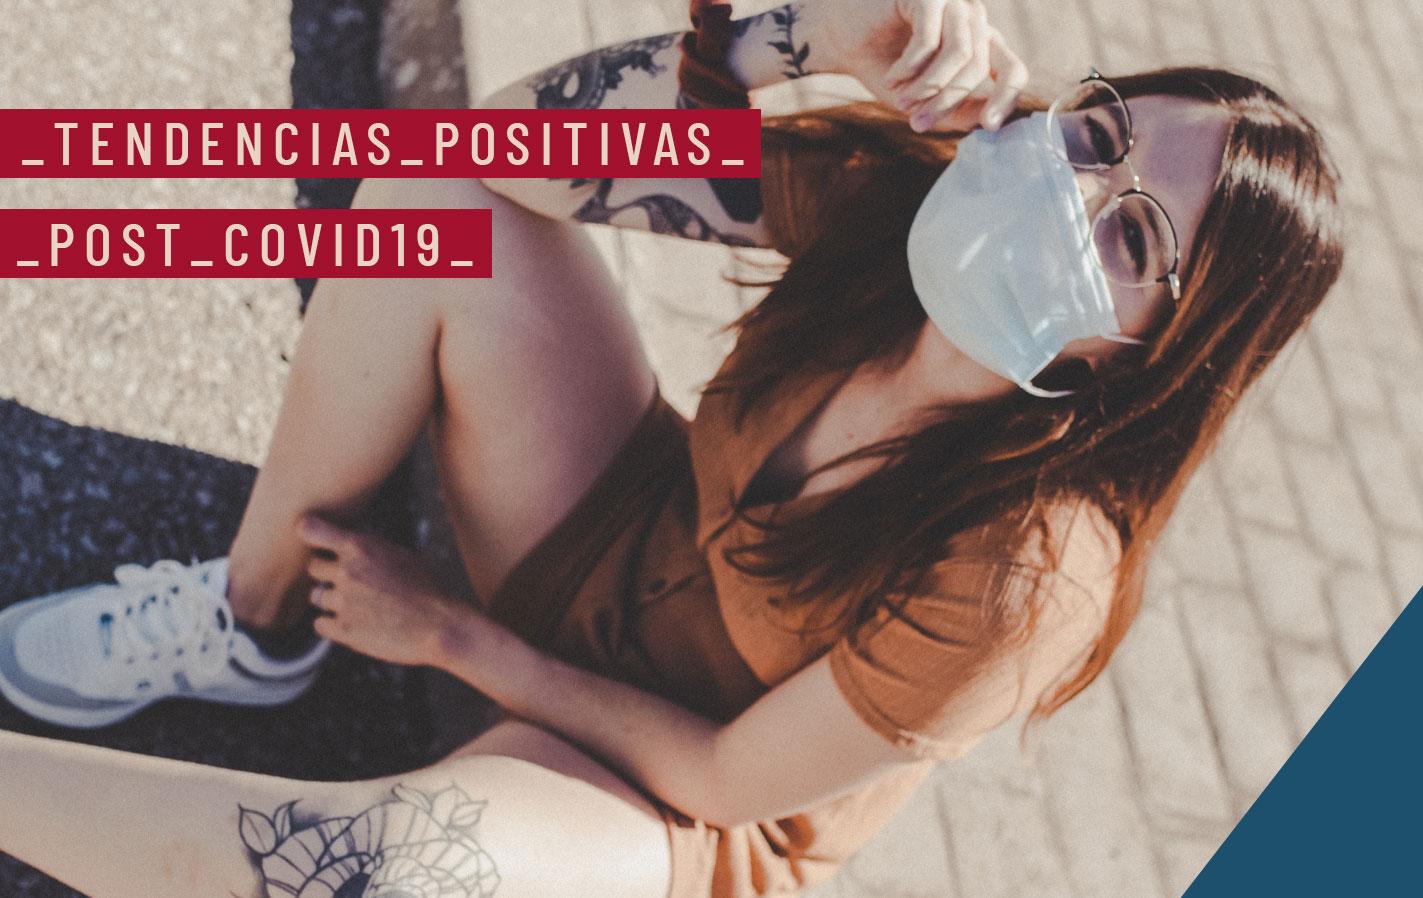 10 TENDENCIAS POSITIVAS TRAS EL COVID 19